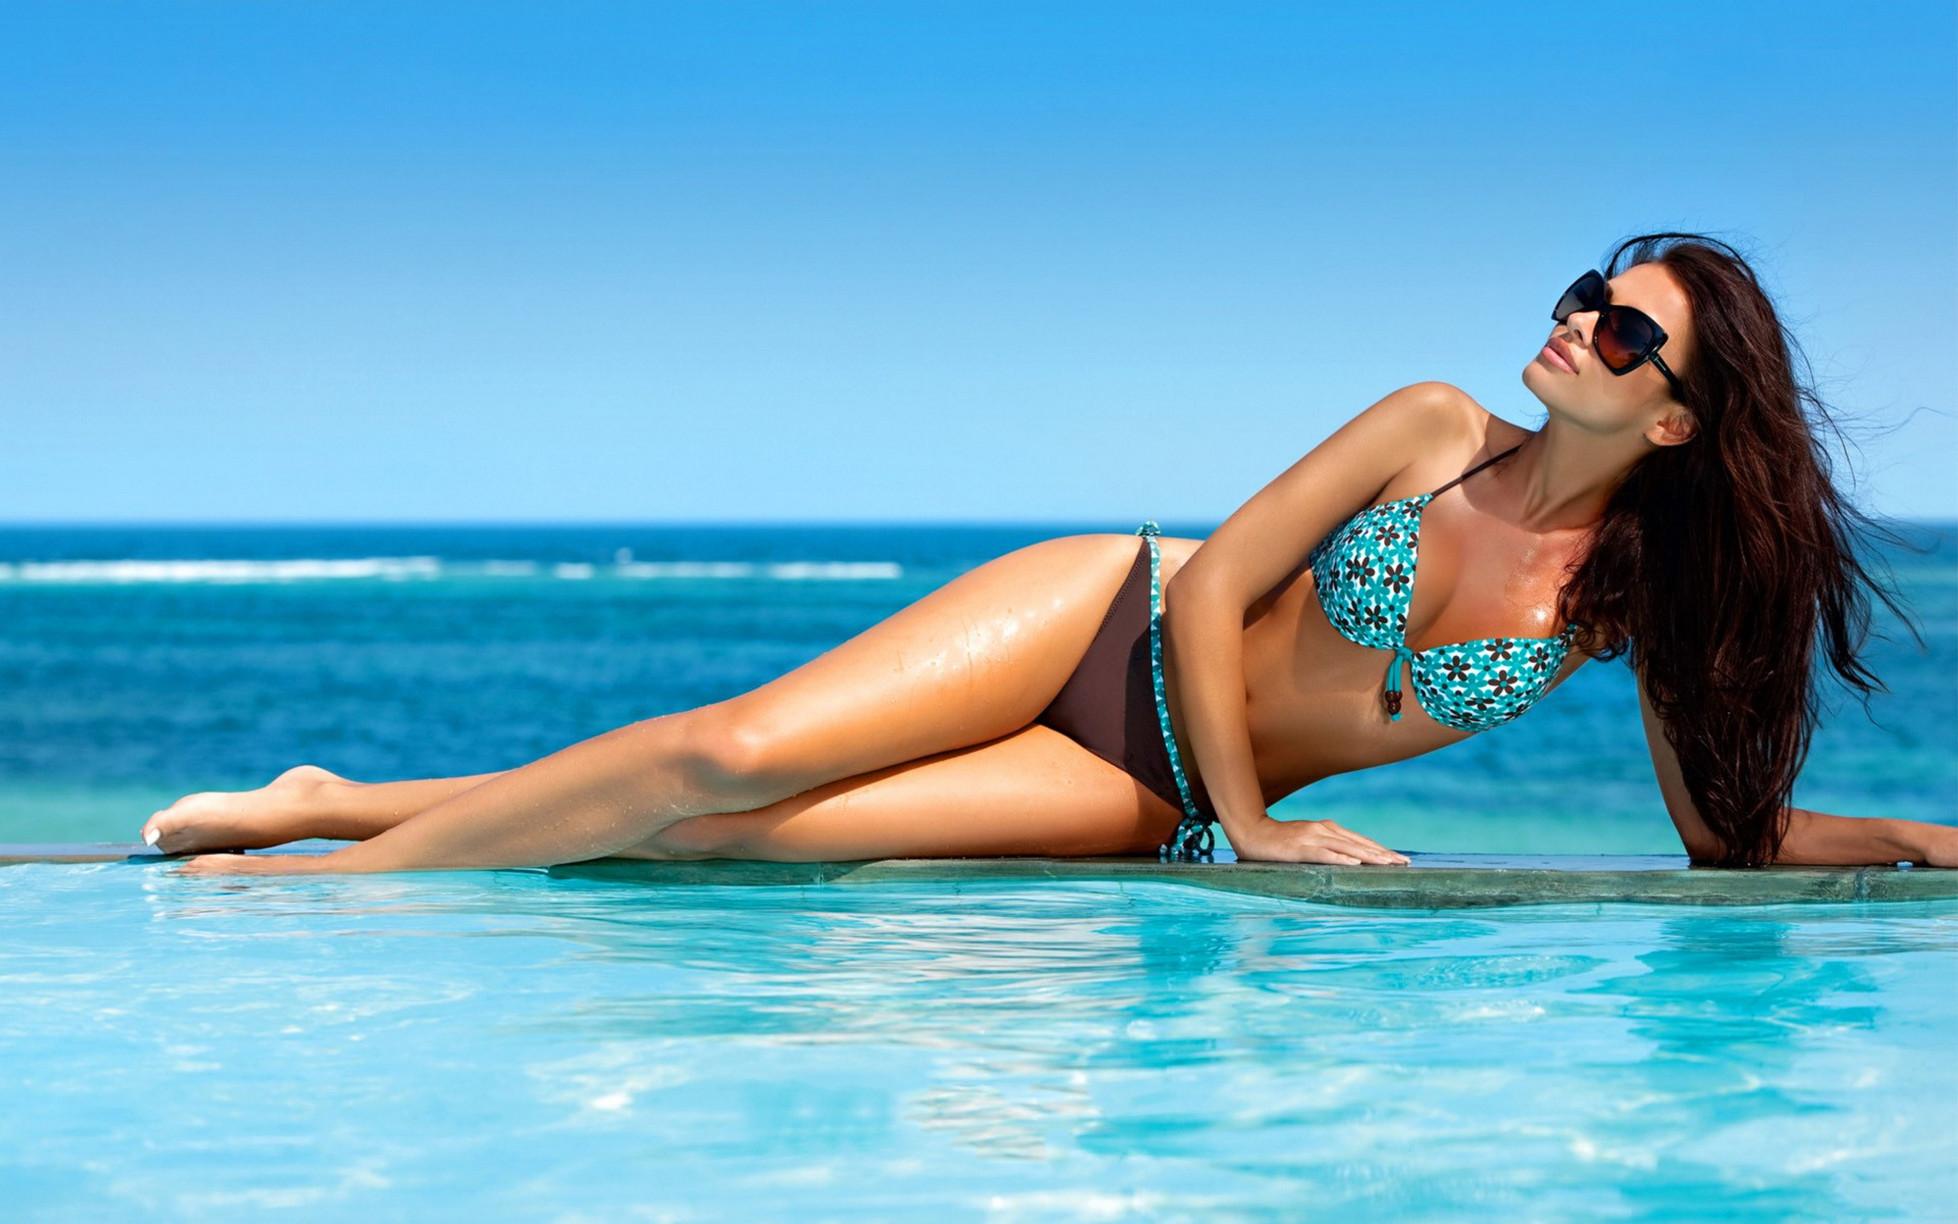 Abbinamento occhiali da sole e bikini: quale è adatto a te? [TEST]